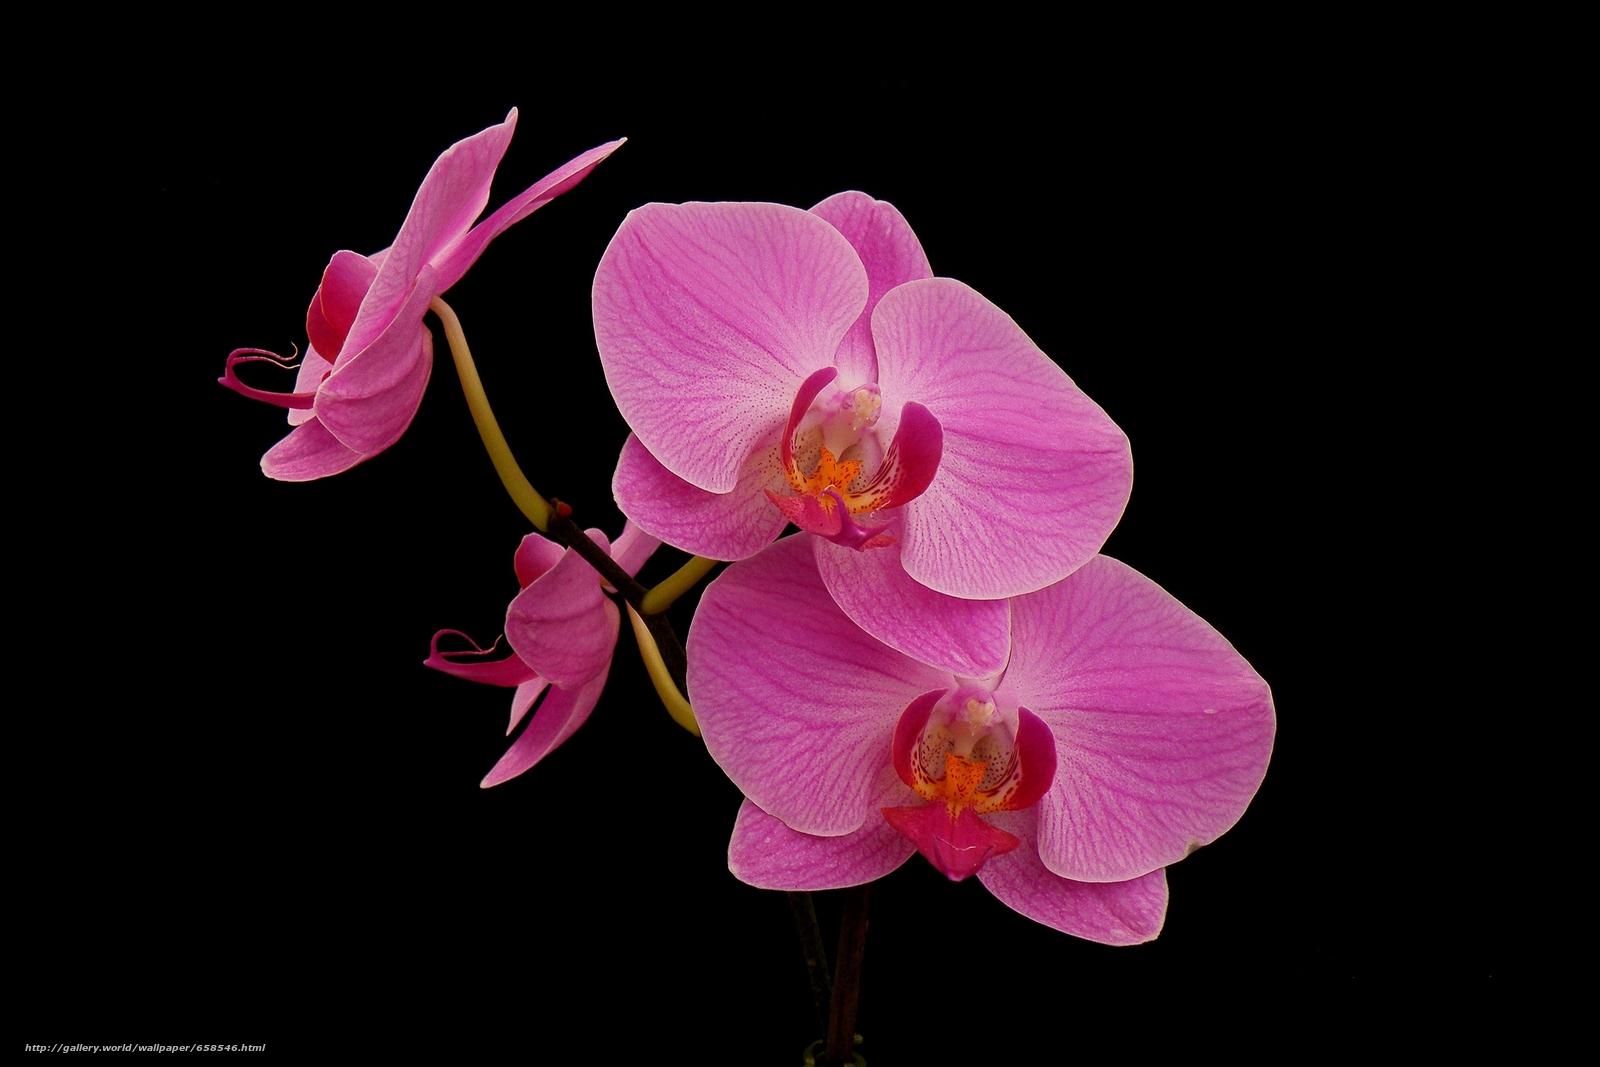 Скачать обои цветок,  цветы,  флора,  орхидея бесплатно для рабочего стола в разрешении 3777x2518 — картинка №658546